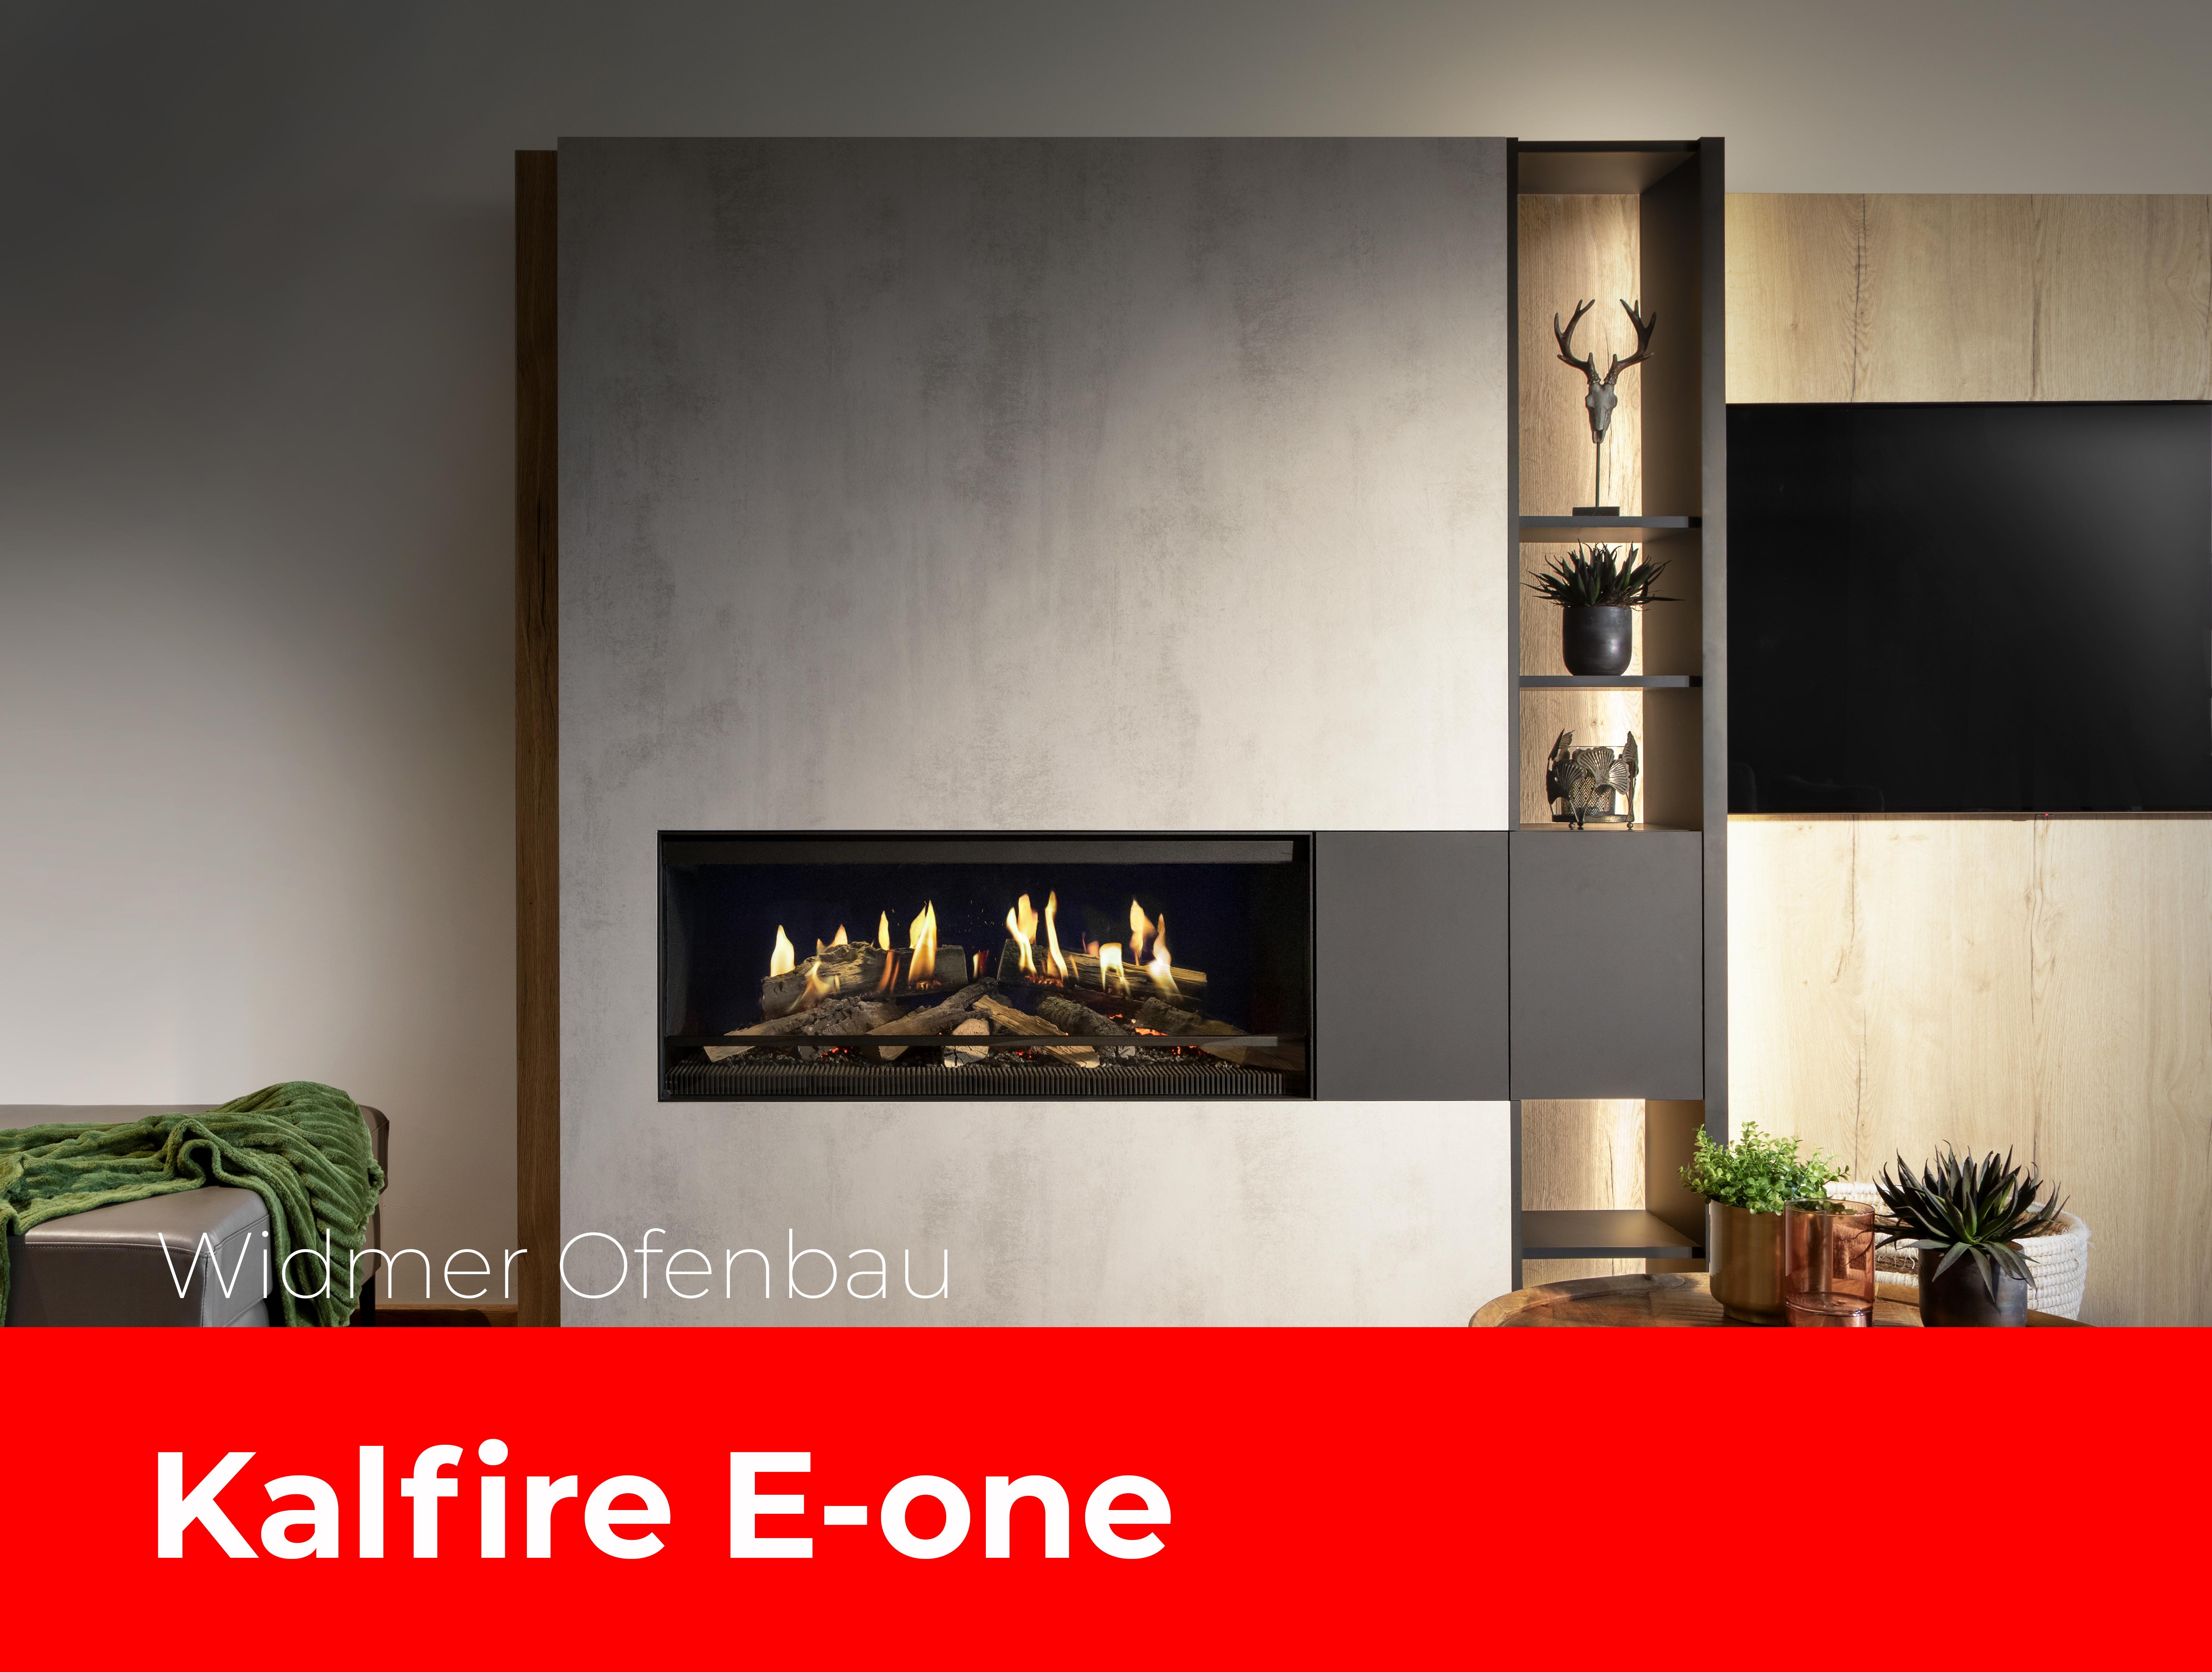 Kalfire e-one F im Wohnzimmer